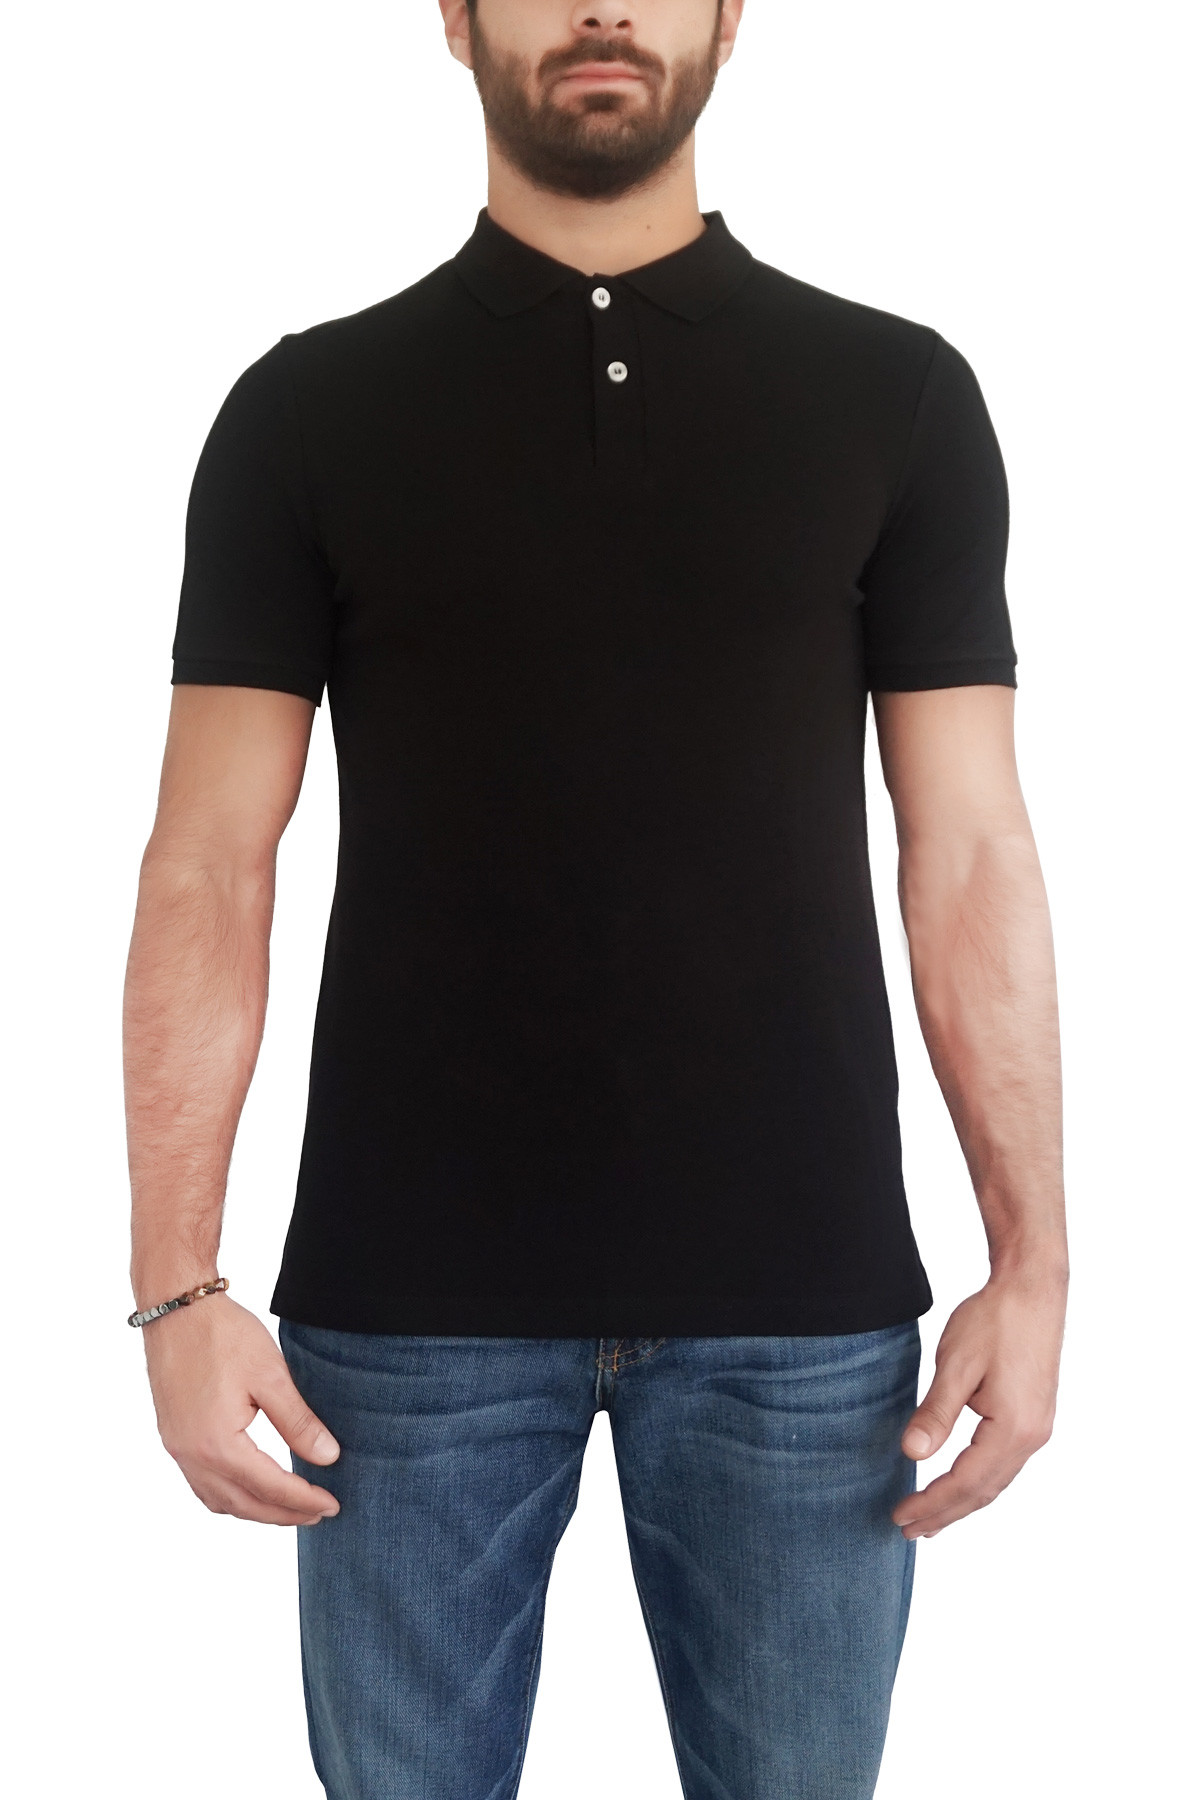 MOF Erkek Siyah T-Shirt POLO-S 1